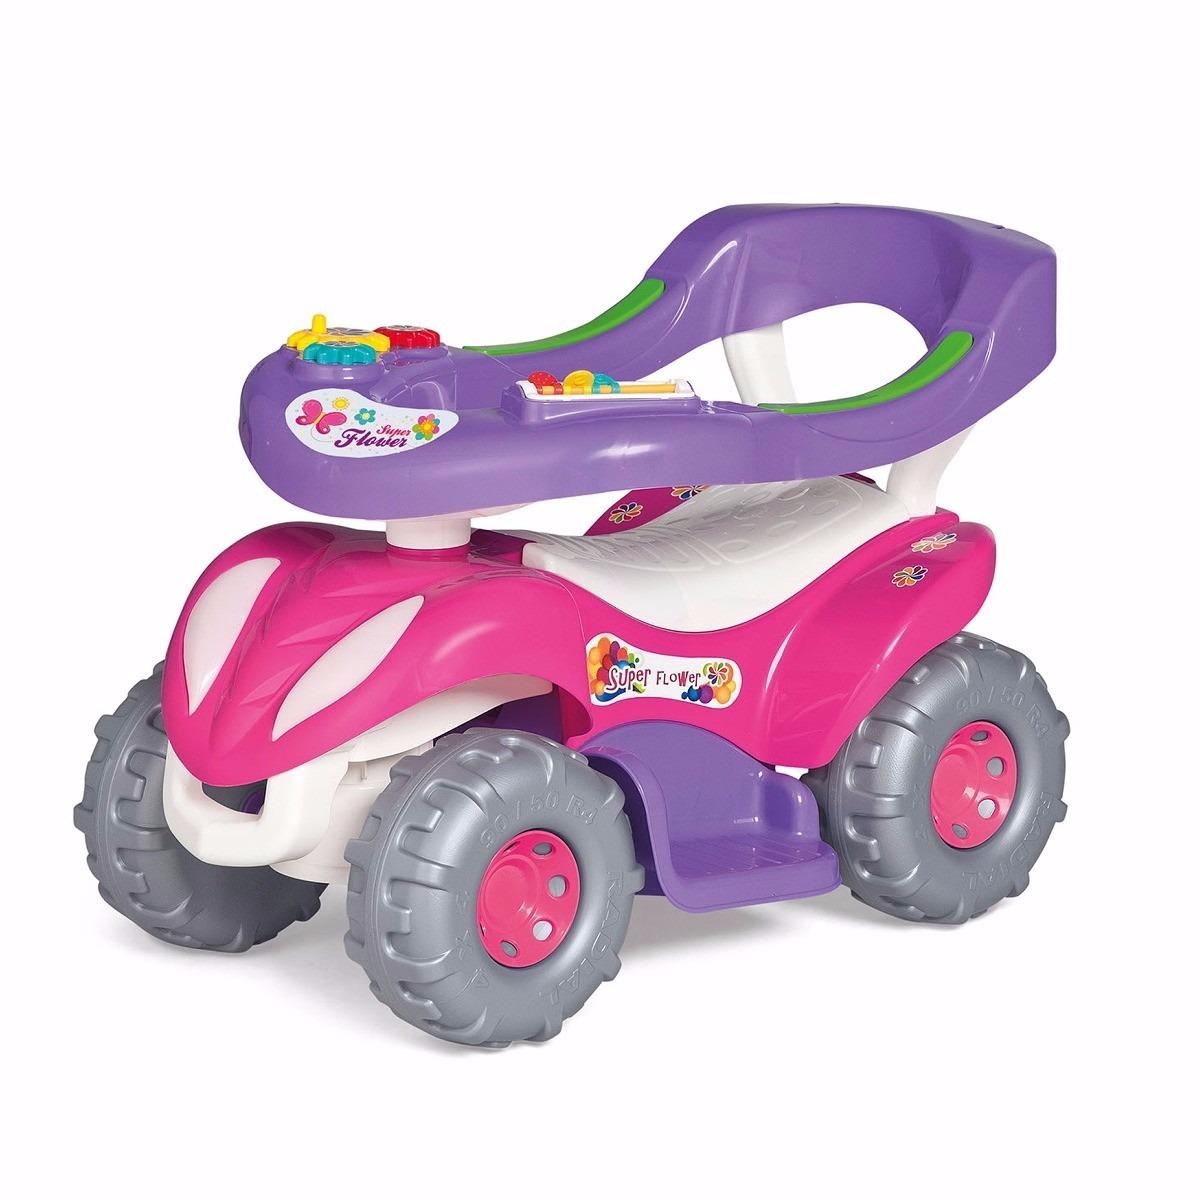 5f1a6c96710205 carrinho passeio infantil feminino c/ empurrador - calesita. Carregando  zoom.